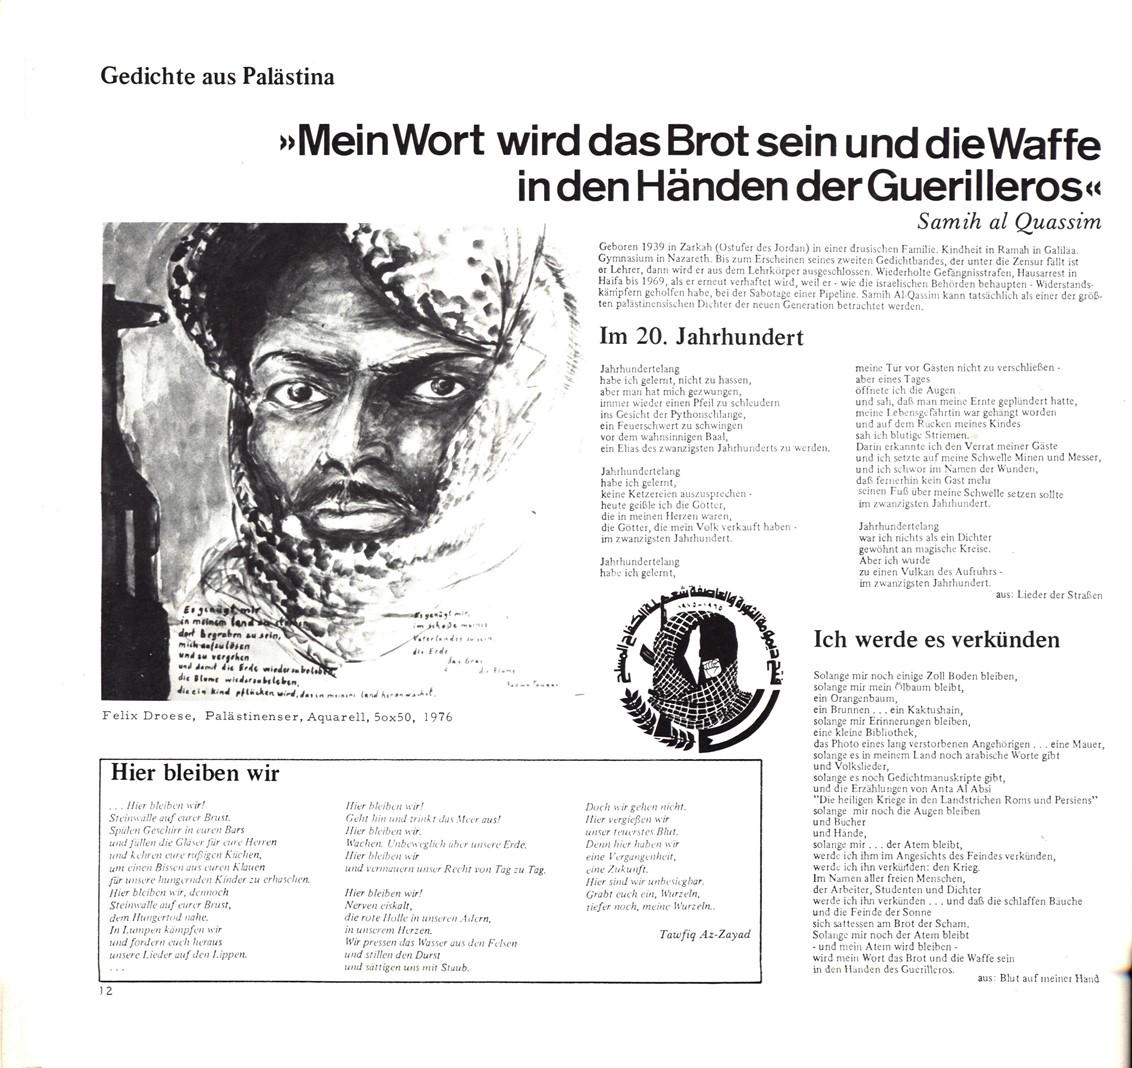 VSK_Kaempfende_Kunst_19770500_12